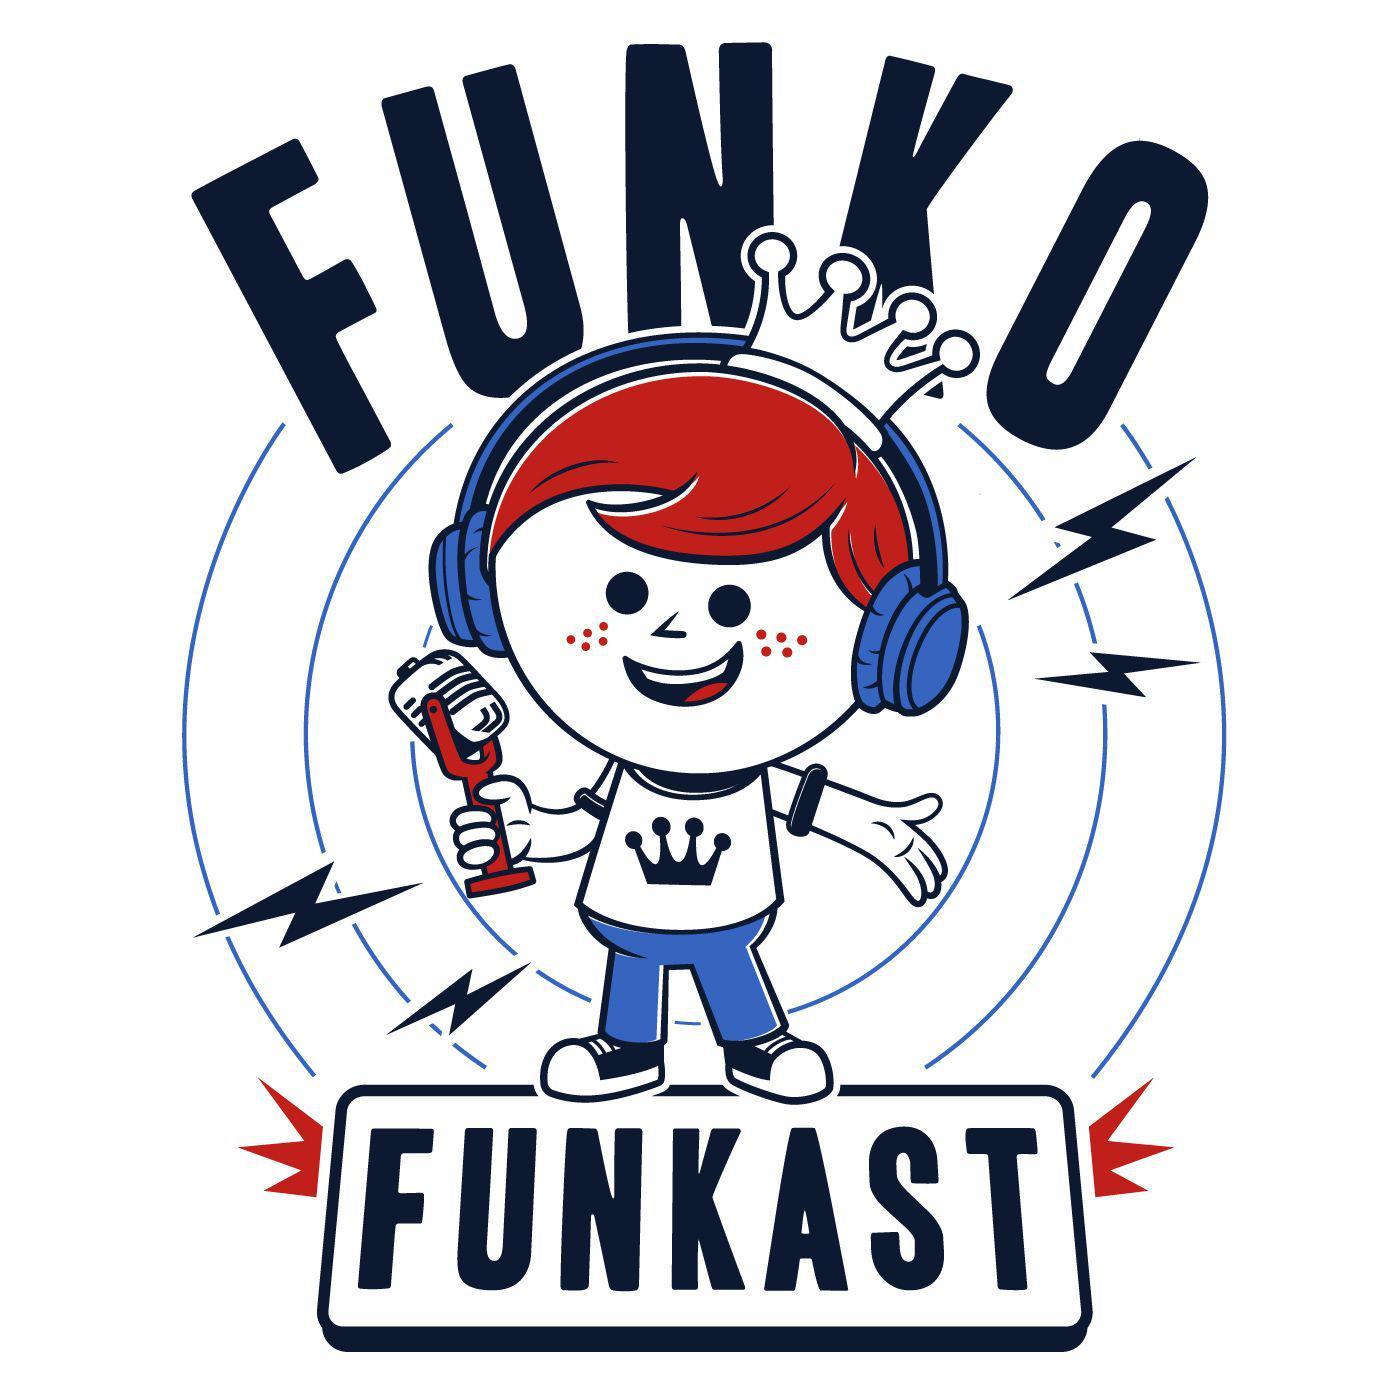 Funko Funkast Podcast Funko Listen Notes